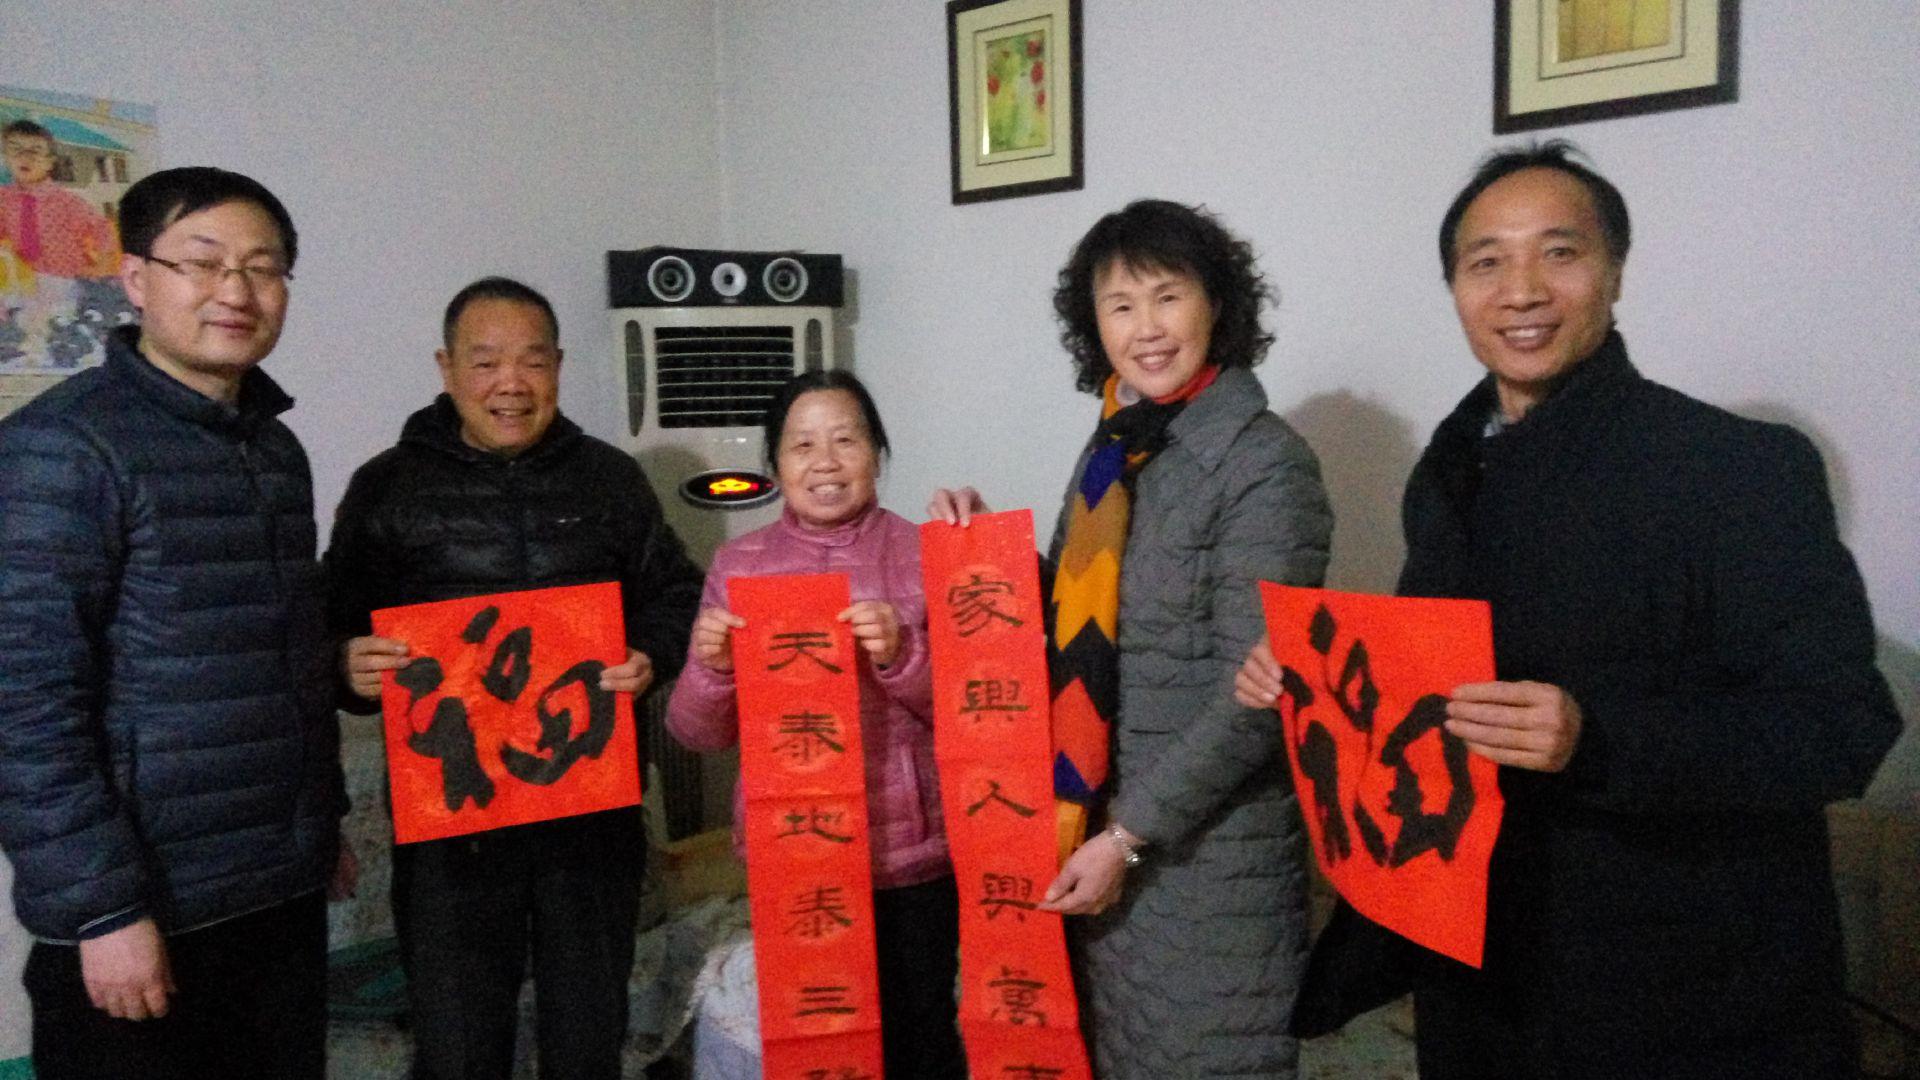 东成人教育先��cey/c_郑州市成人教育教研室开展暖心慰问老干部活动